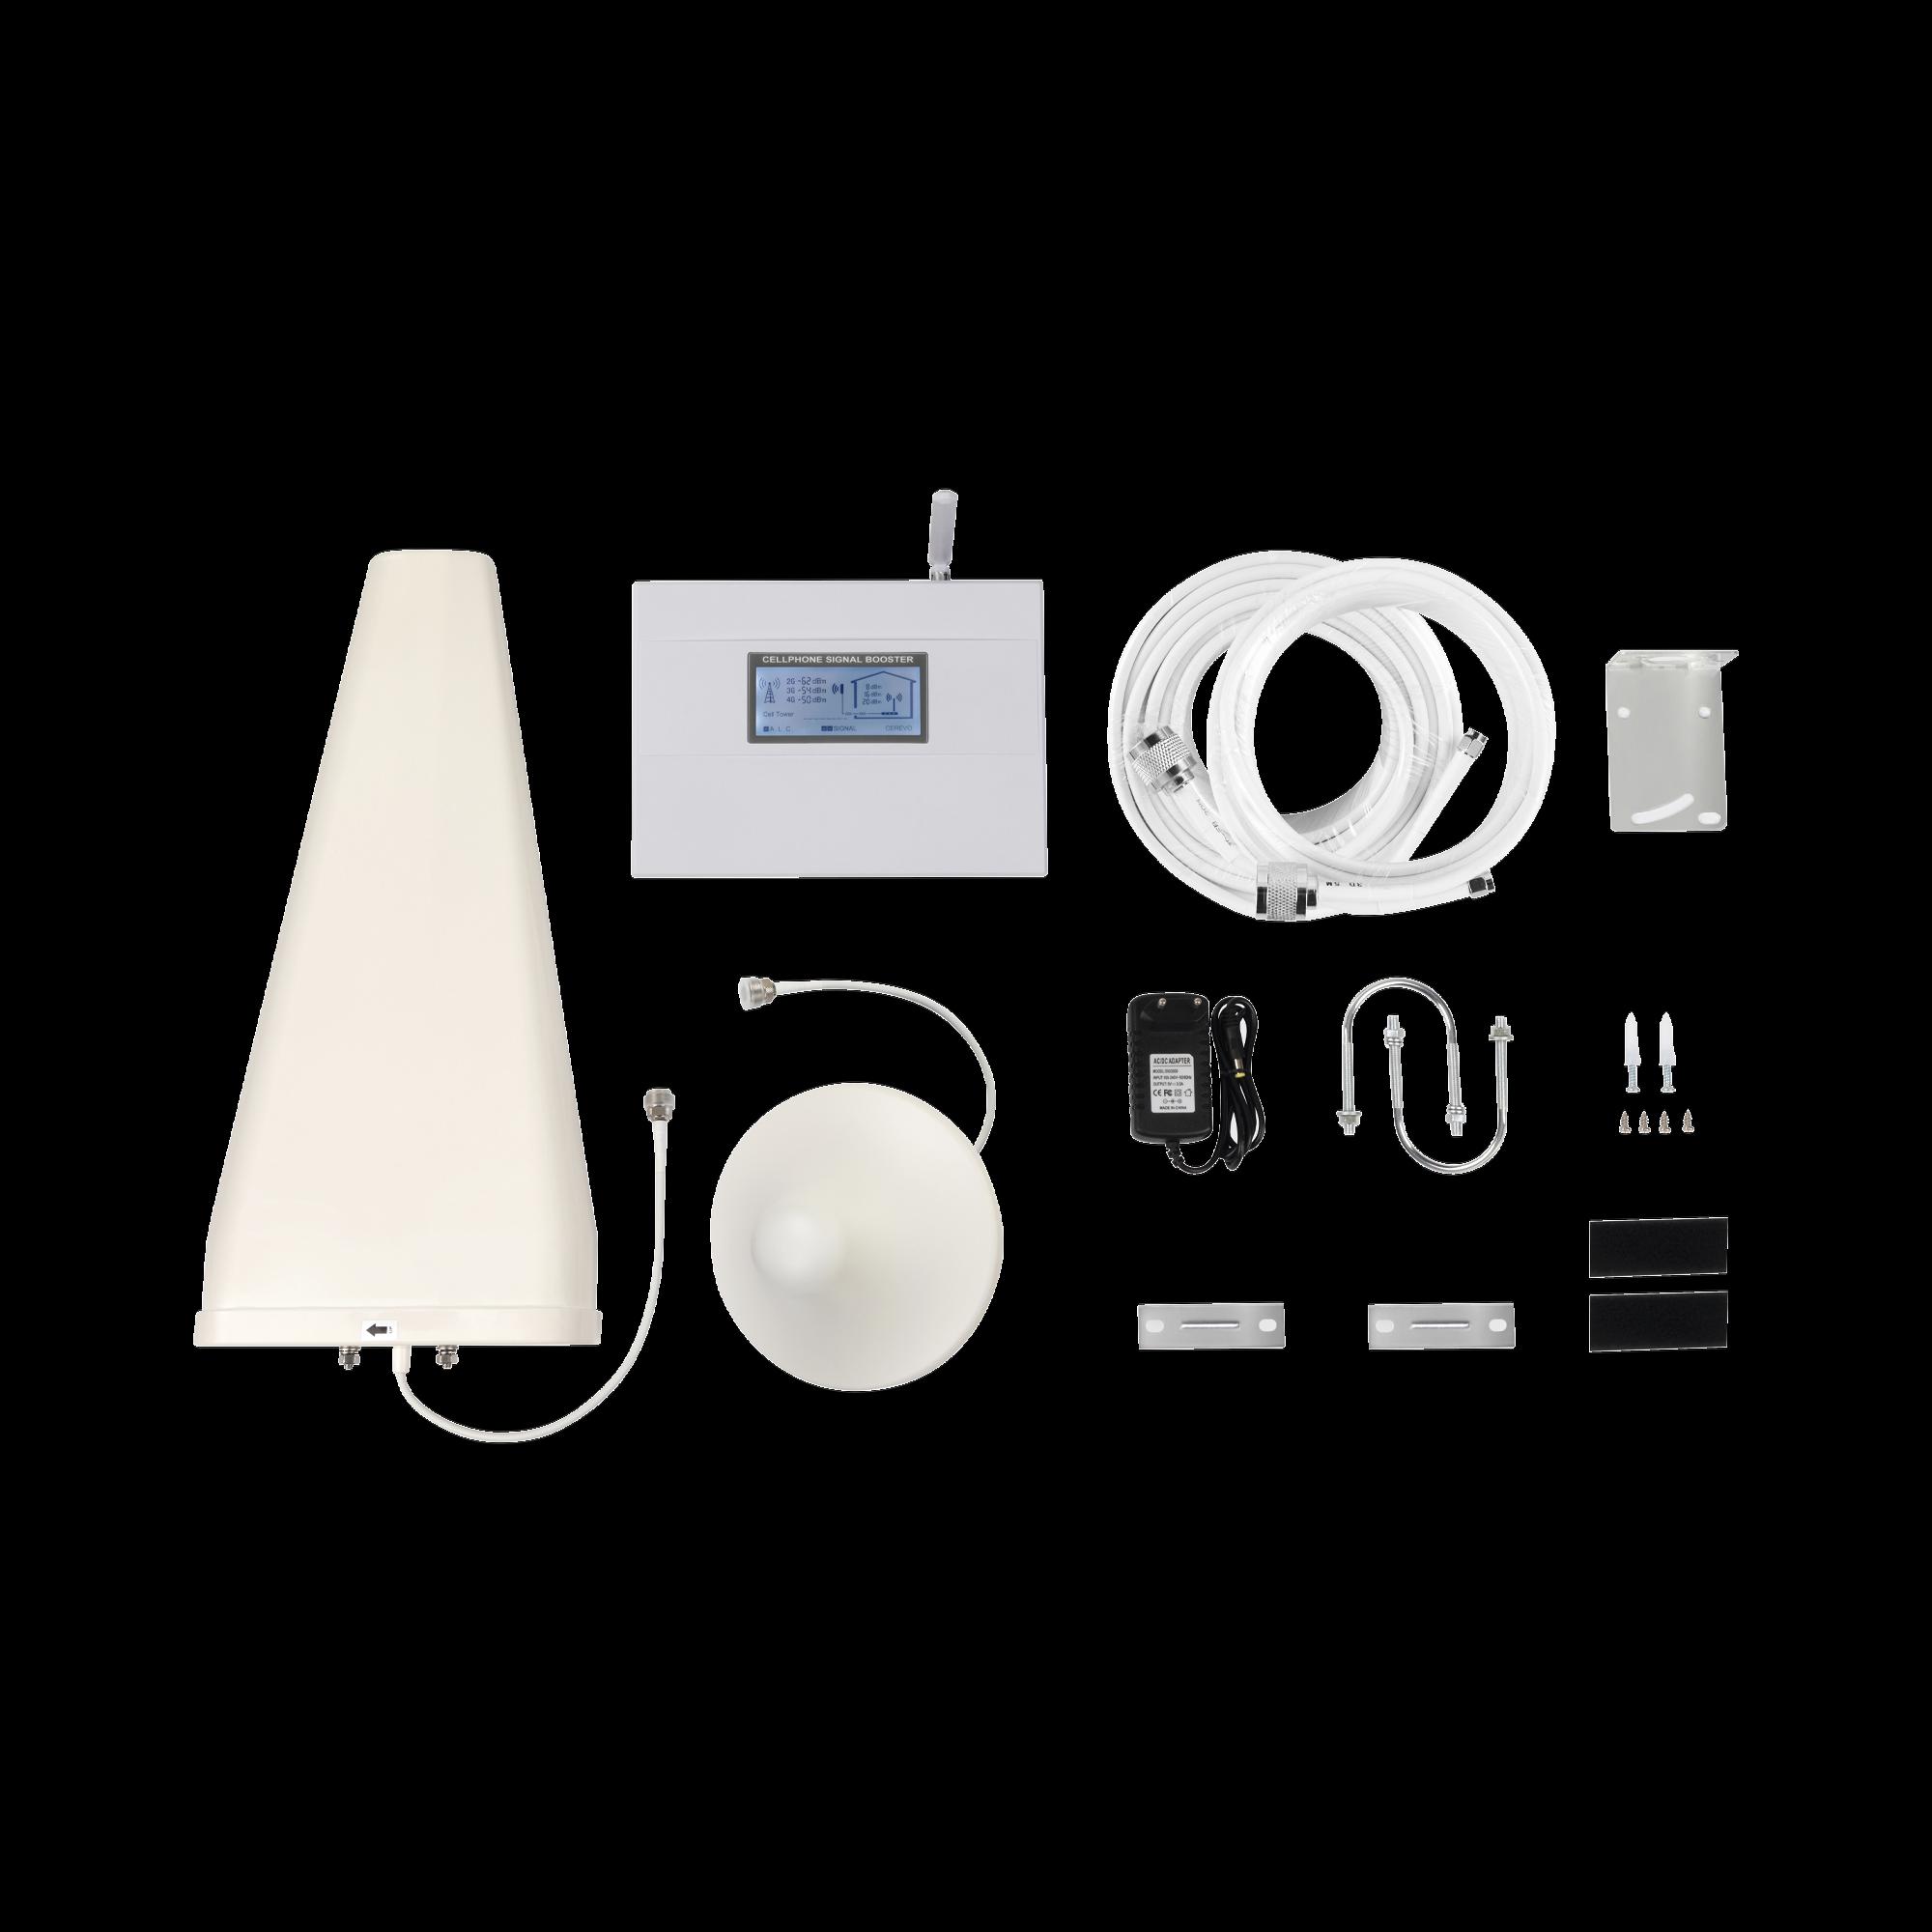 Kit Amplificador de Señal Celular 4G LTE | Funciona con Todos los Operadores | Soporta Múltiples Dispositivos y Tecnologías | Hasta 500 metros cuadrados de Cobertura